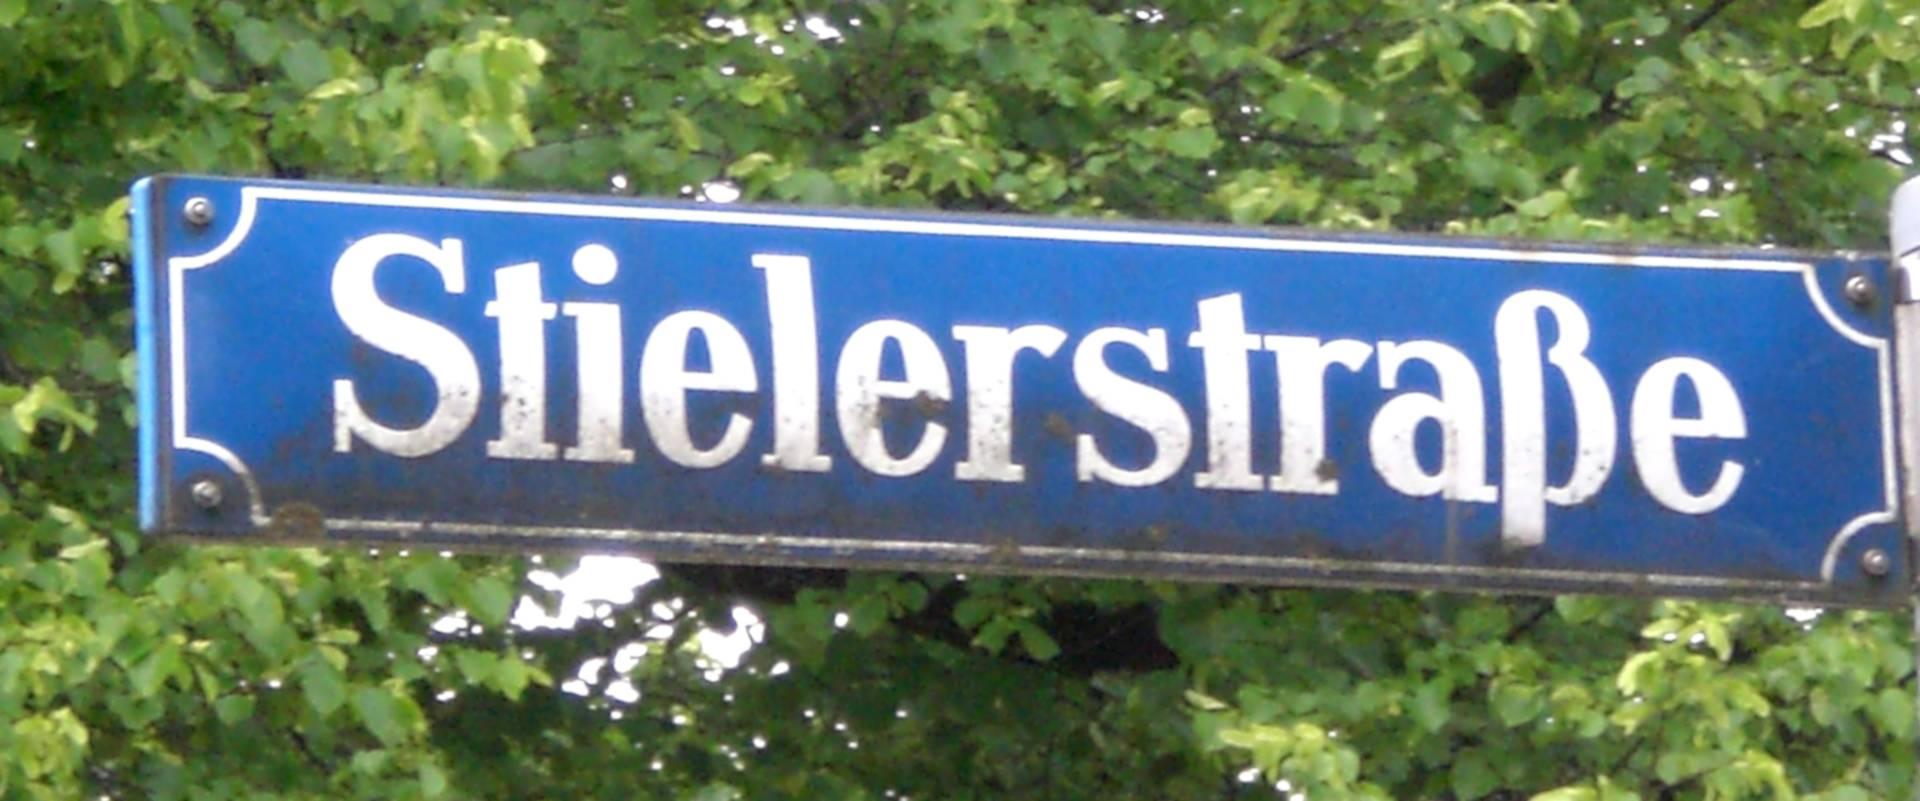 Straßenschild der Stielerstraße in München.